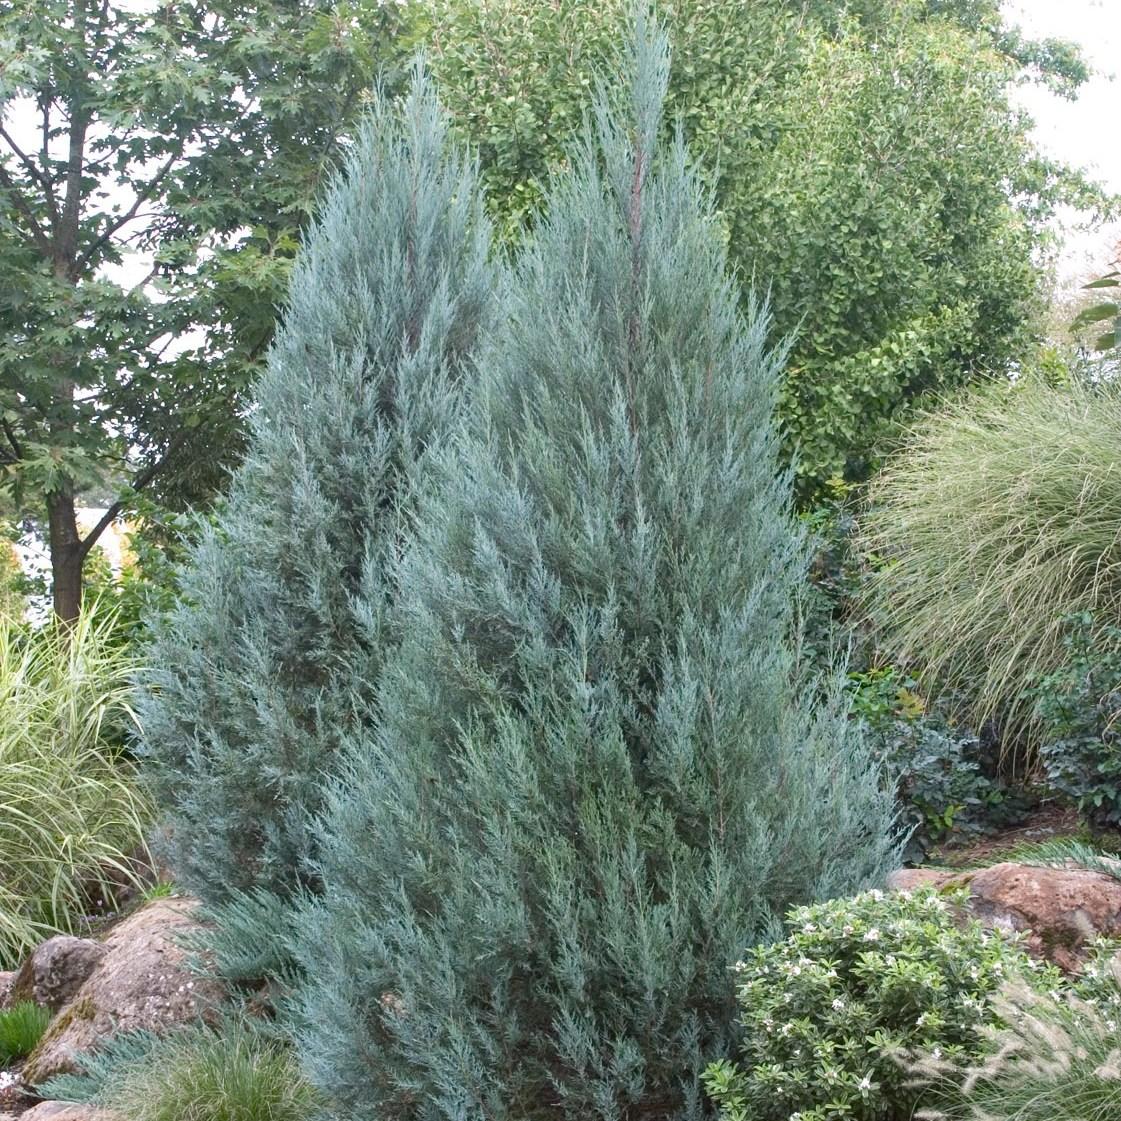 세종식물원 정원수 조경수 울타리 정원 인테리어 문그로우 주니프러스 (H0.5m)